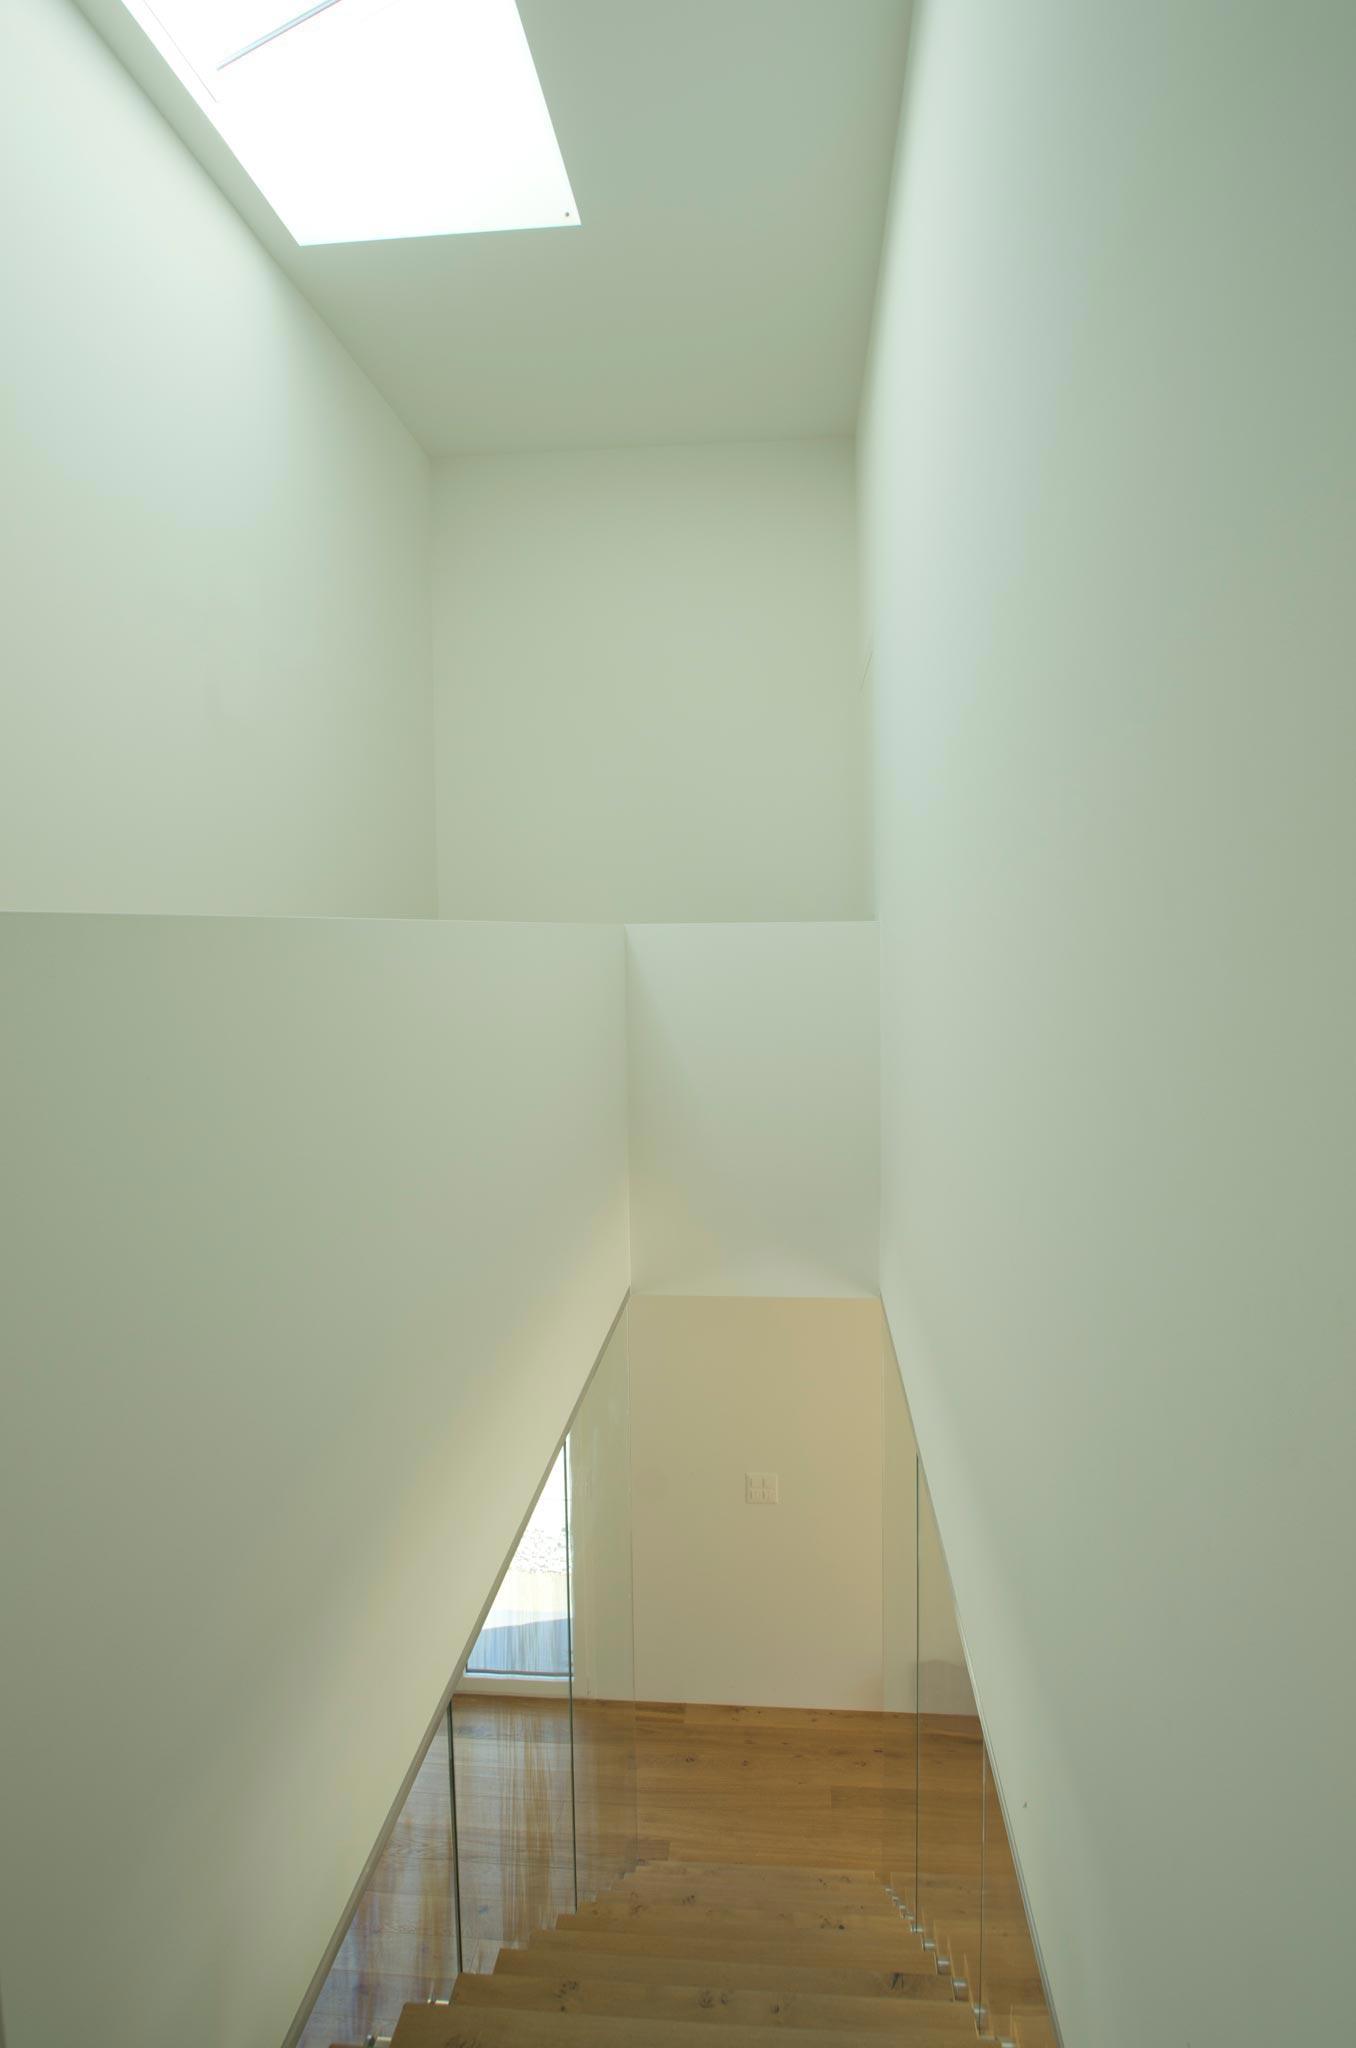 ES Amg escalier vtc 20 05 003 - Montée en transparence